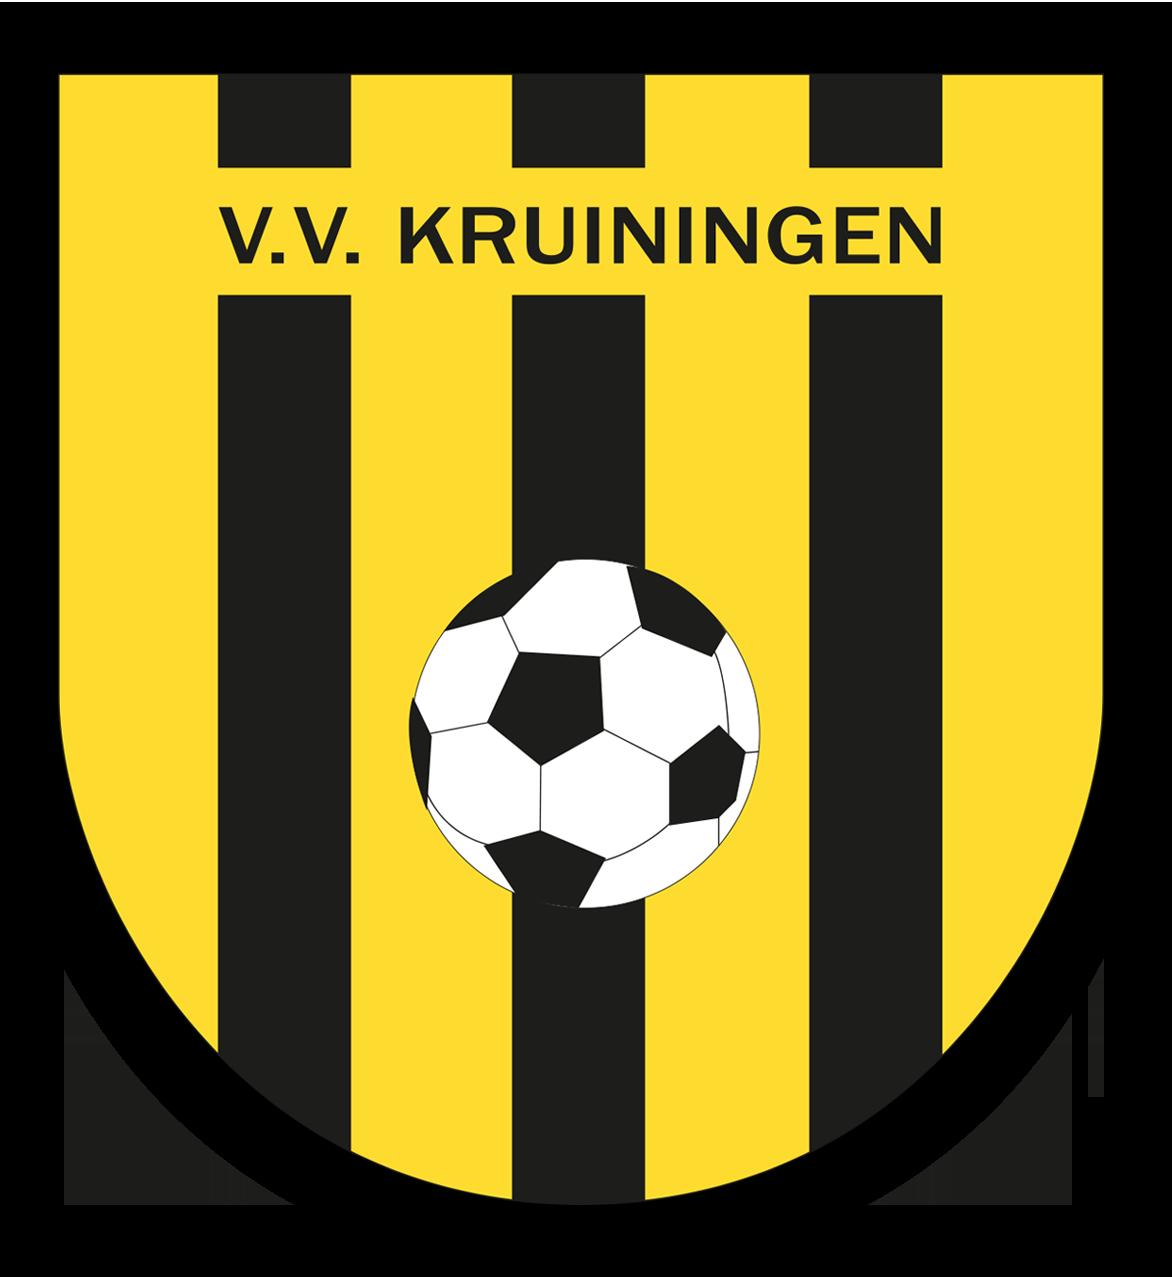 Competitie-indeling V.V. Kruiningen 1 seizoen 20-21